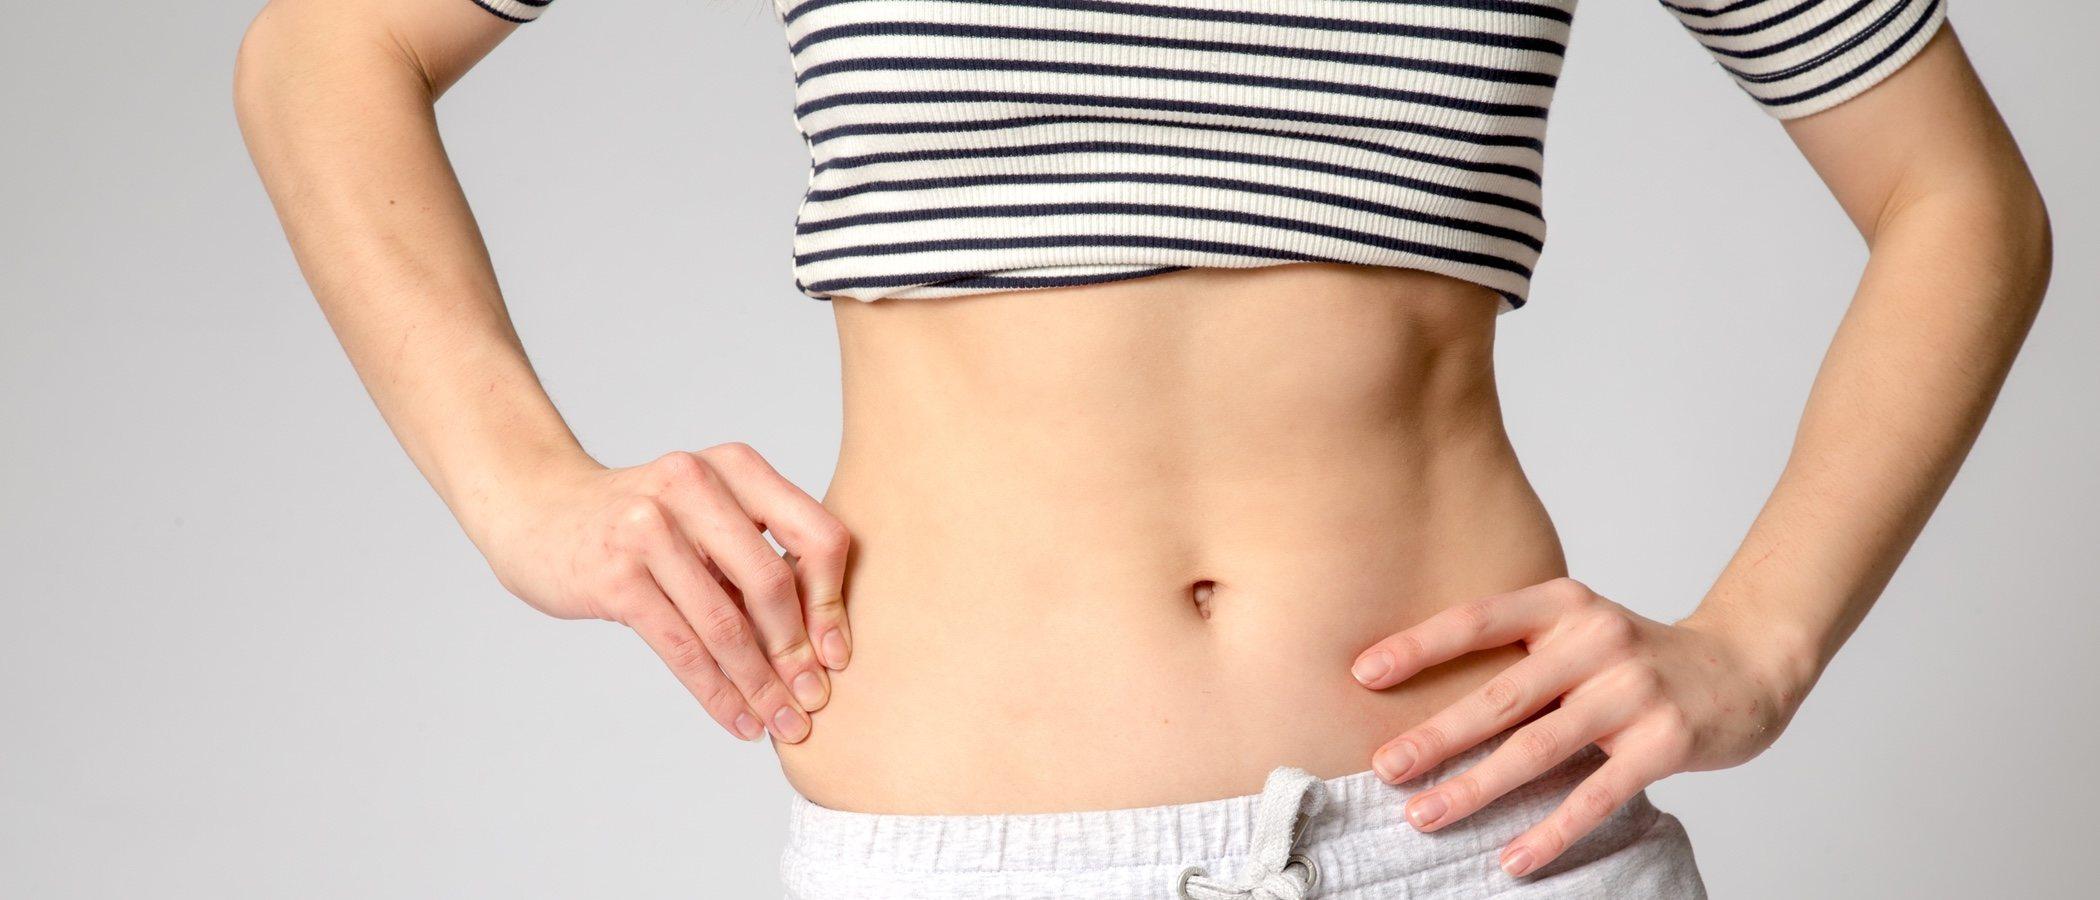 Ejercicios para no coger peso en verano